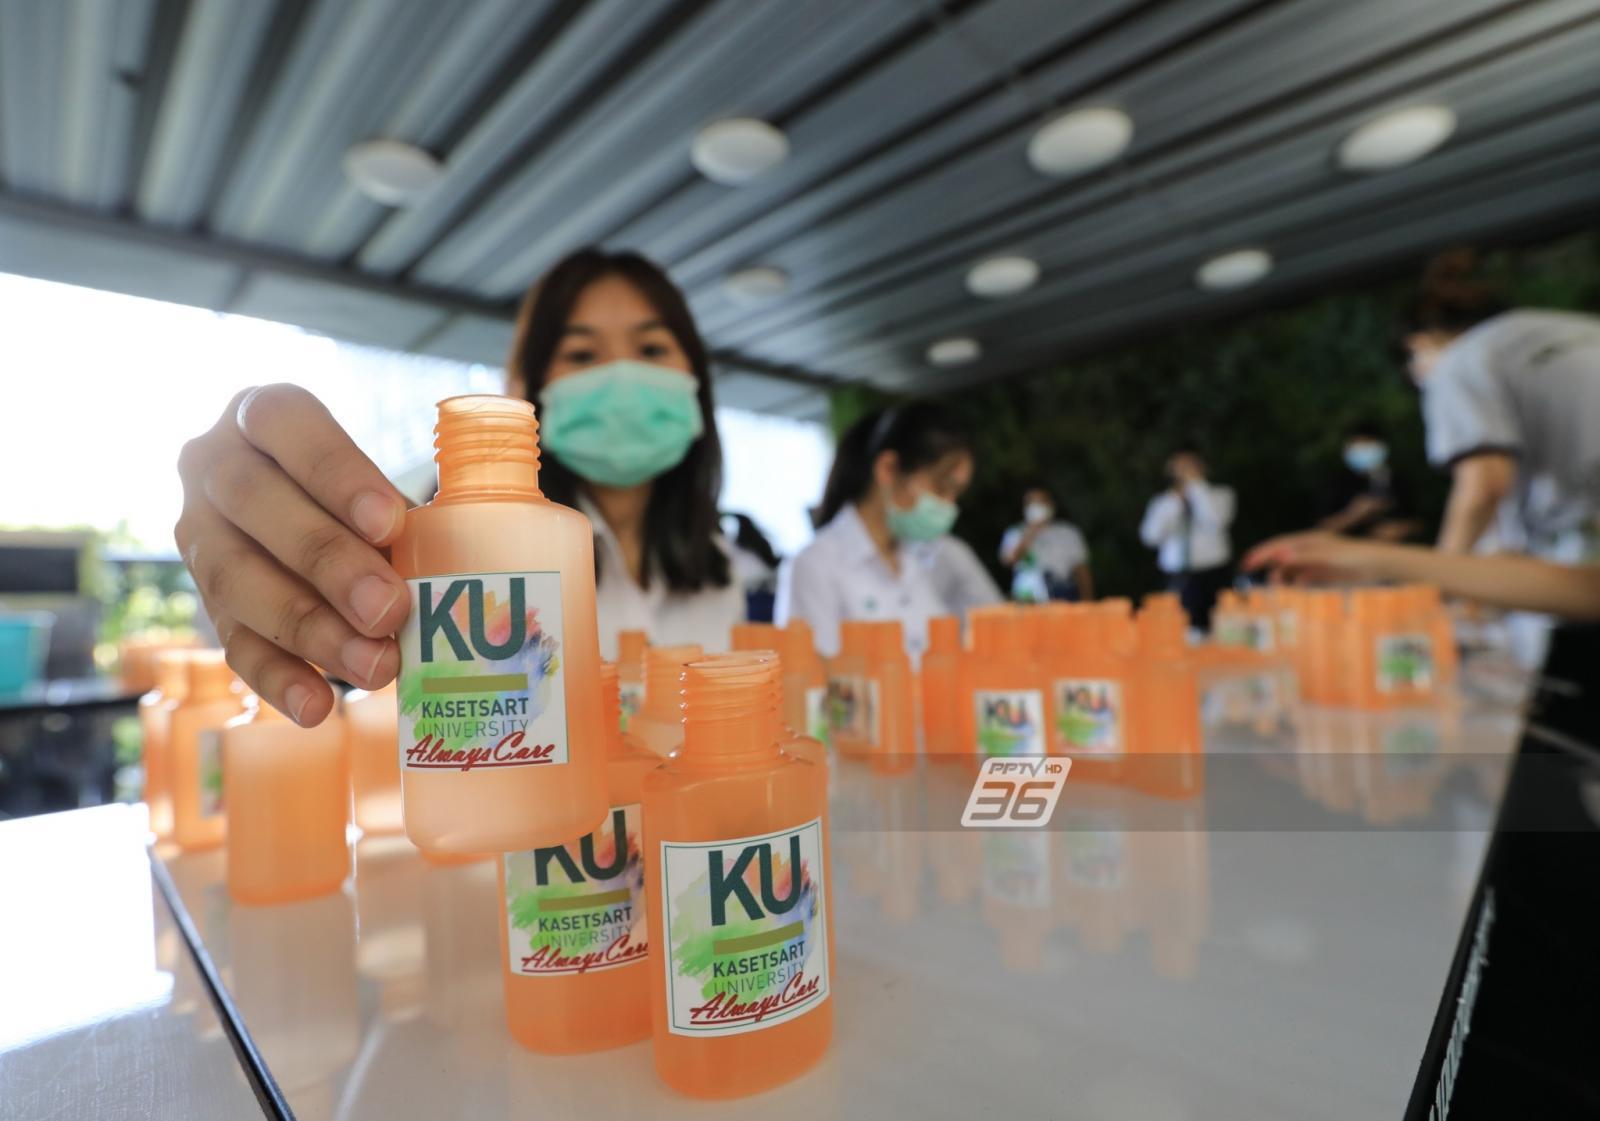 อาจารย์ ม.เกษตร แนะใช้สบู่ล้างมือแทนแอลกอฮอลล์ได้ ป้องกันโควิด-19